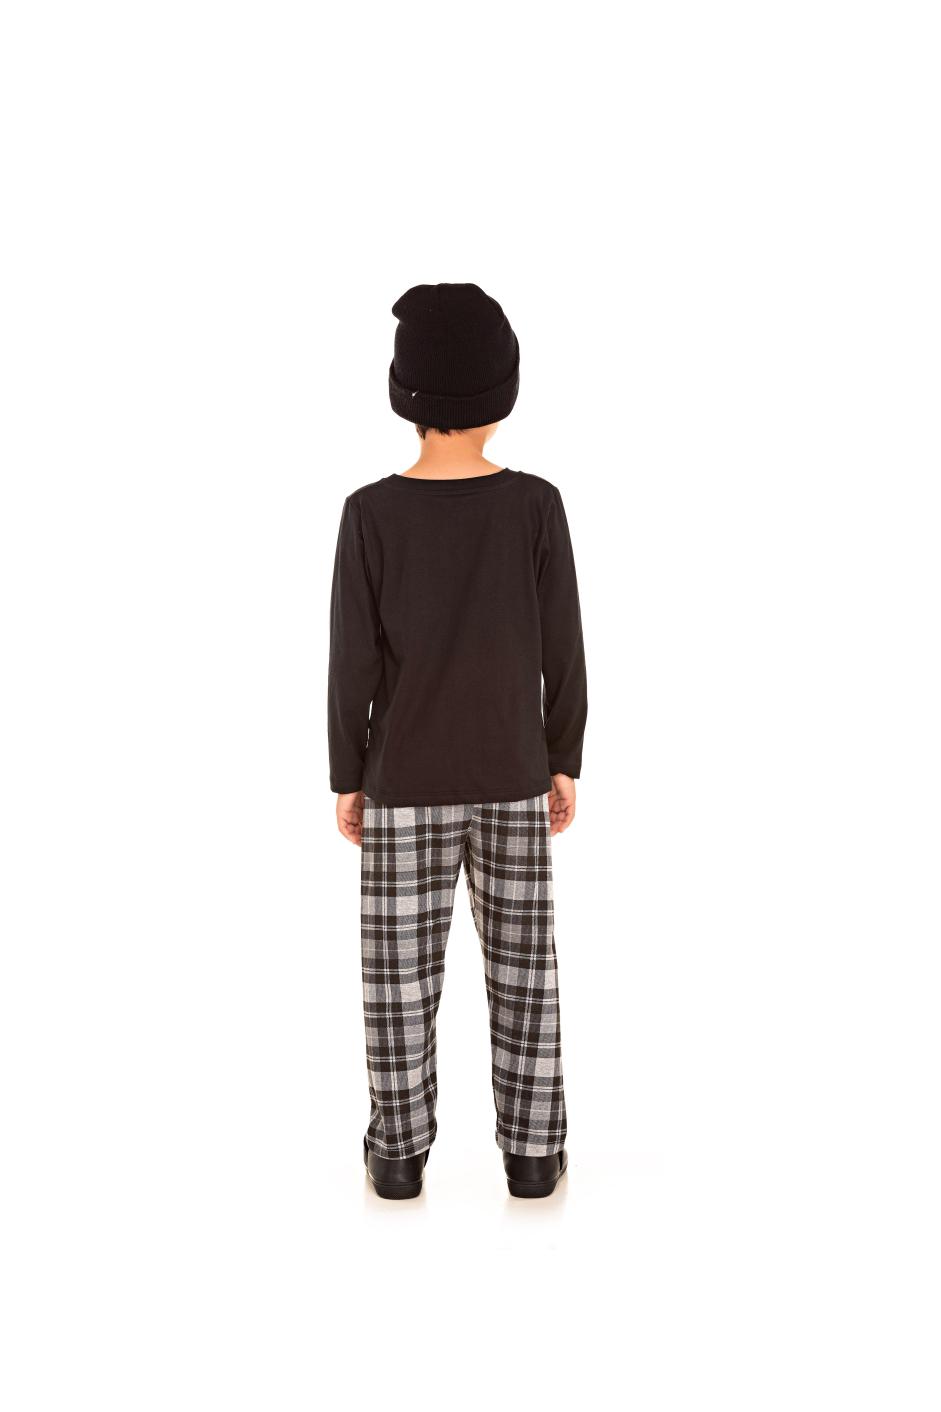 194/F - Pijama Infantil Masculino Xadrez